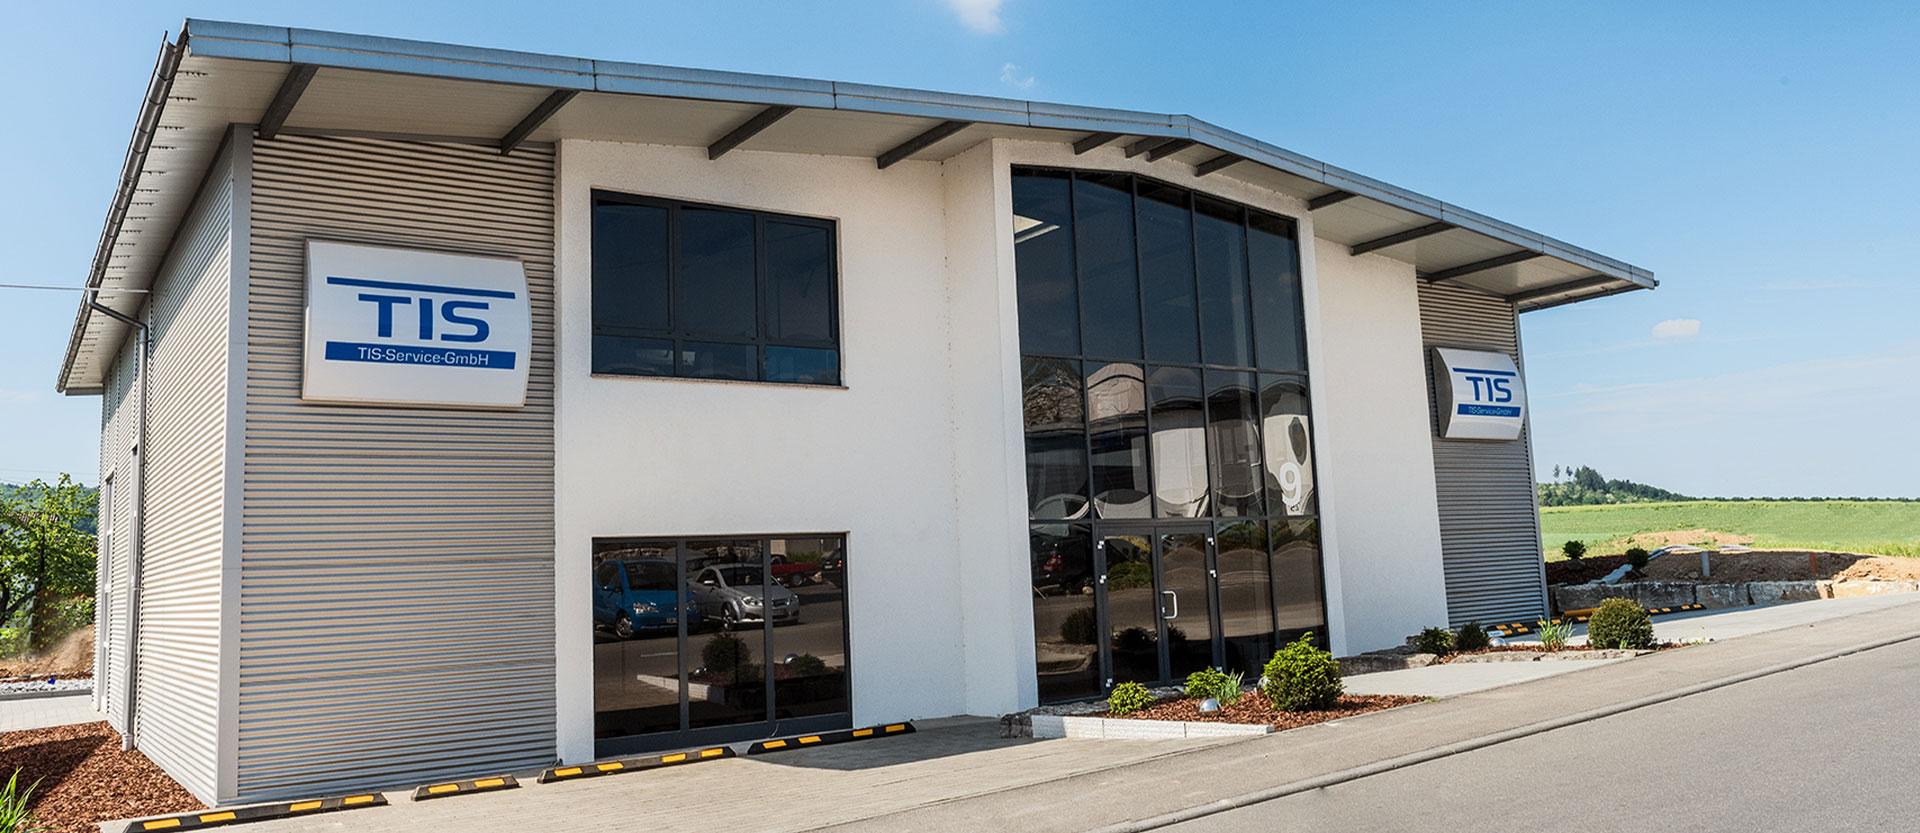 Firmengebäude der TIS-Service